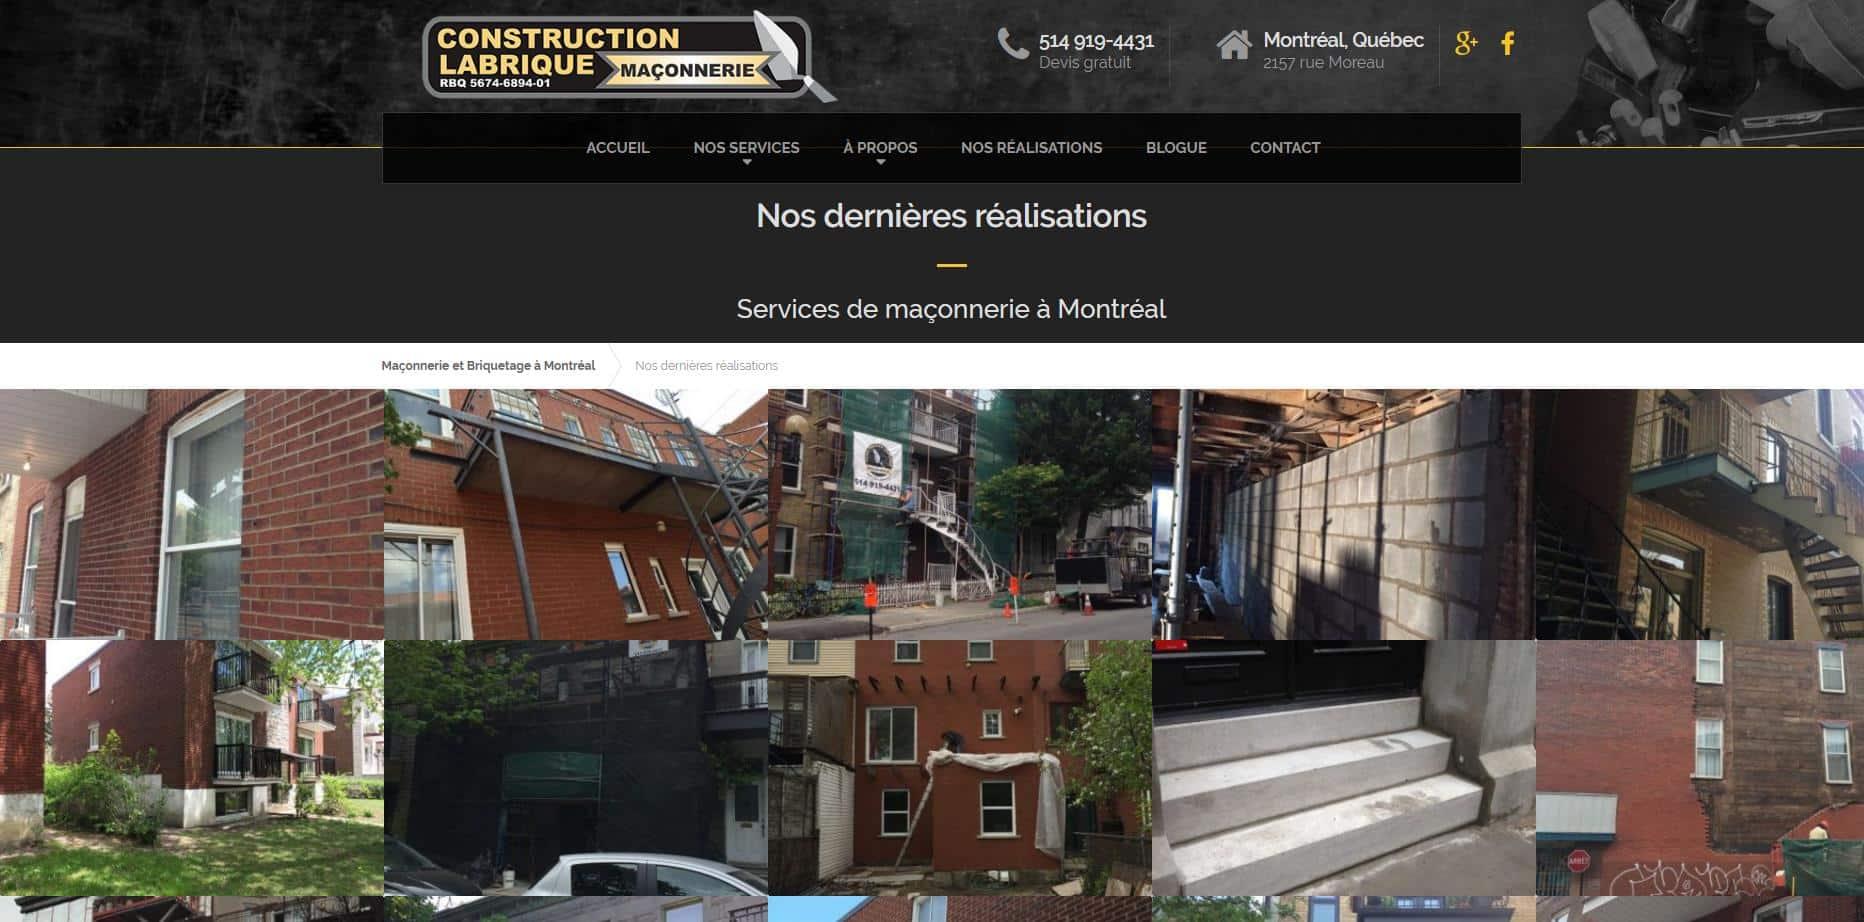 conception-web-pour-construction-labrique-11.jpg